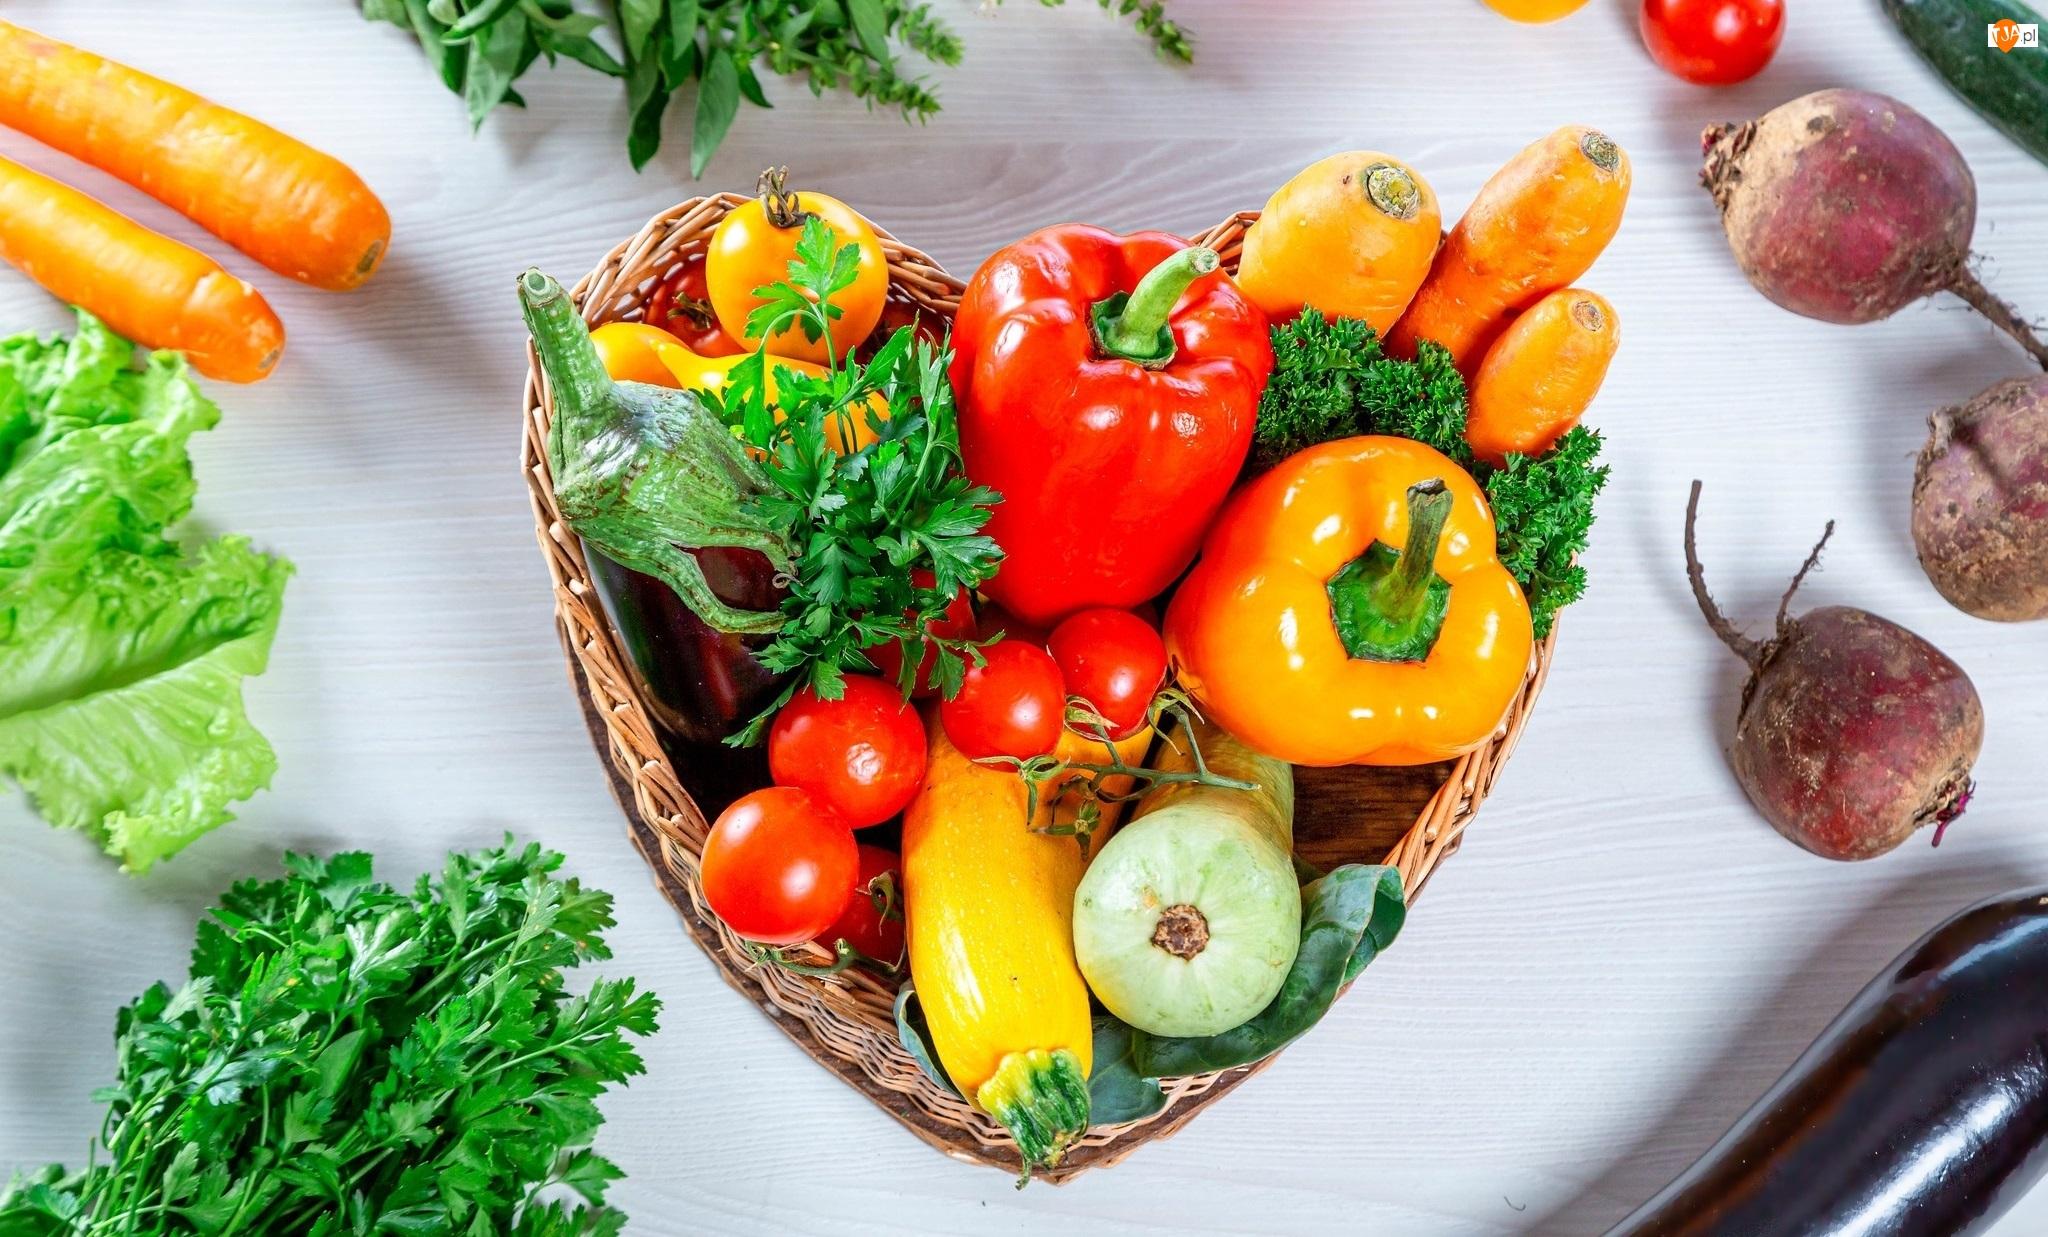 Buraki, Warzywa, Marchew, Sałata, Koszyk, Pomidory, Pietruszka, Papryka